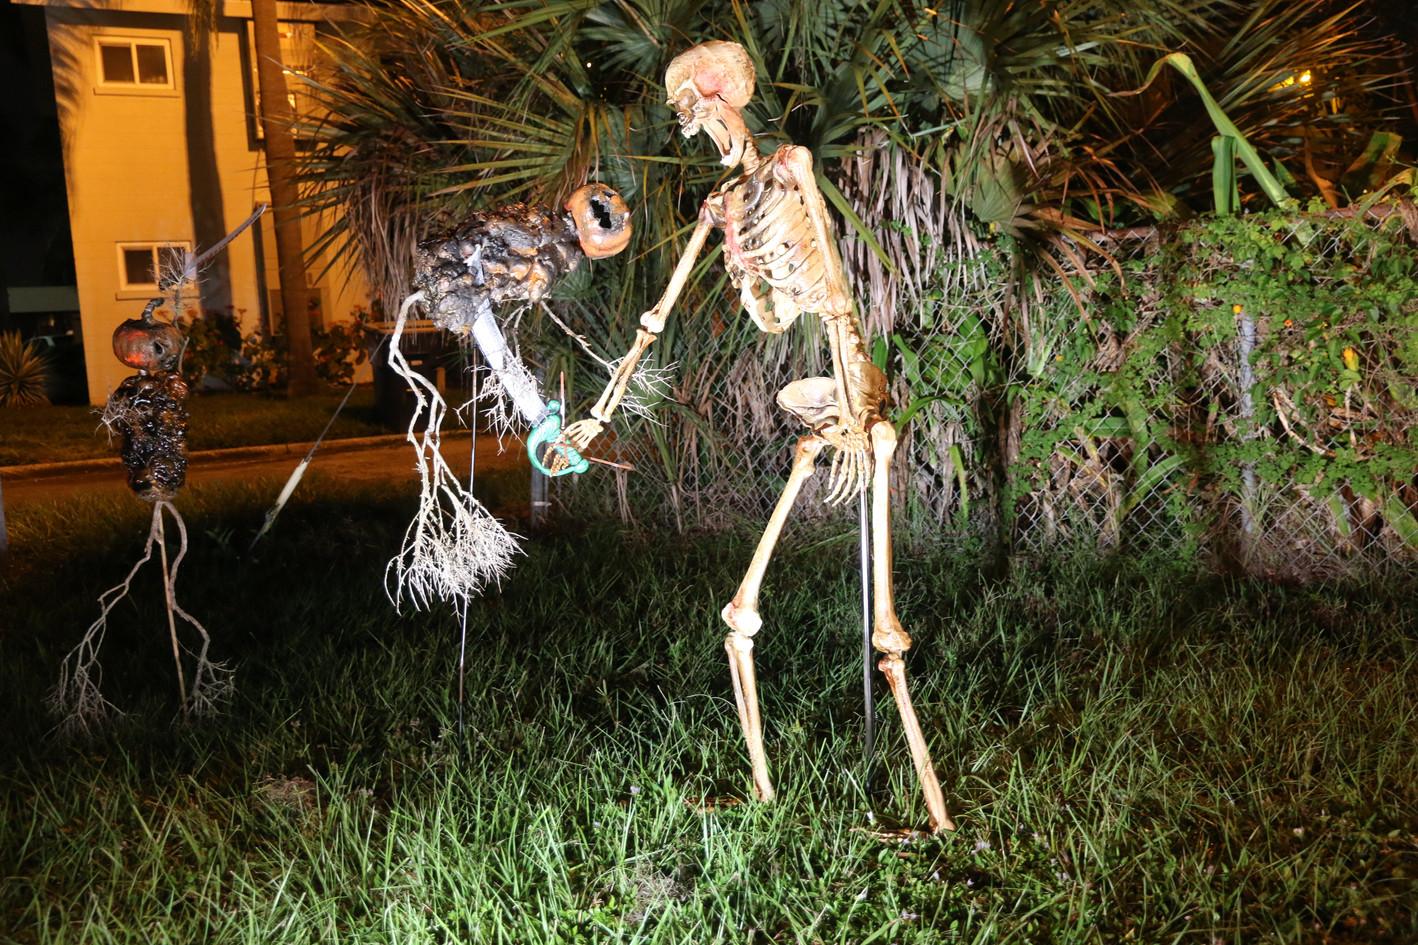 Skeleton gets a pumpkin man